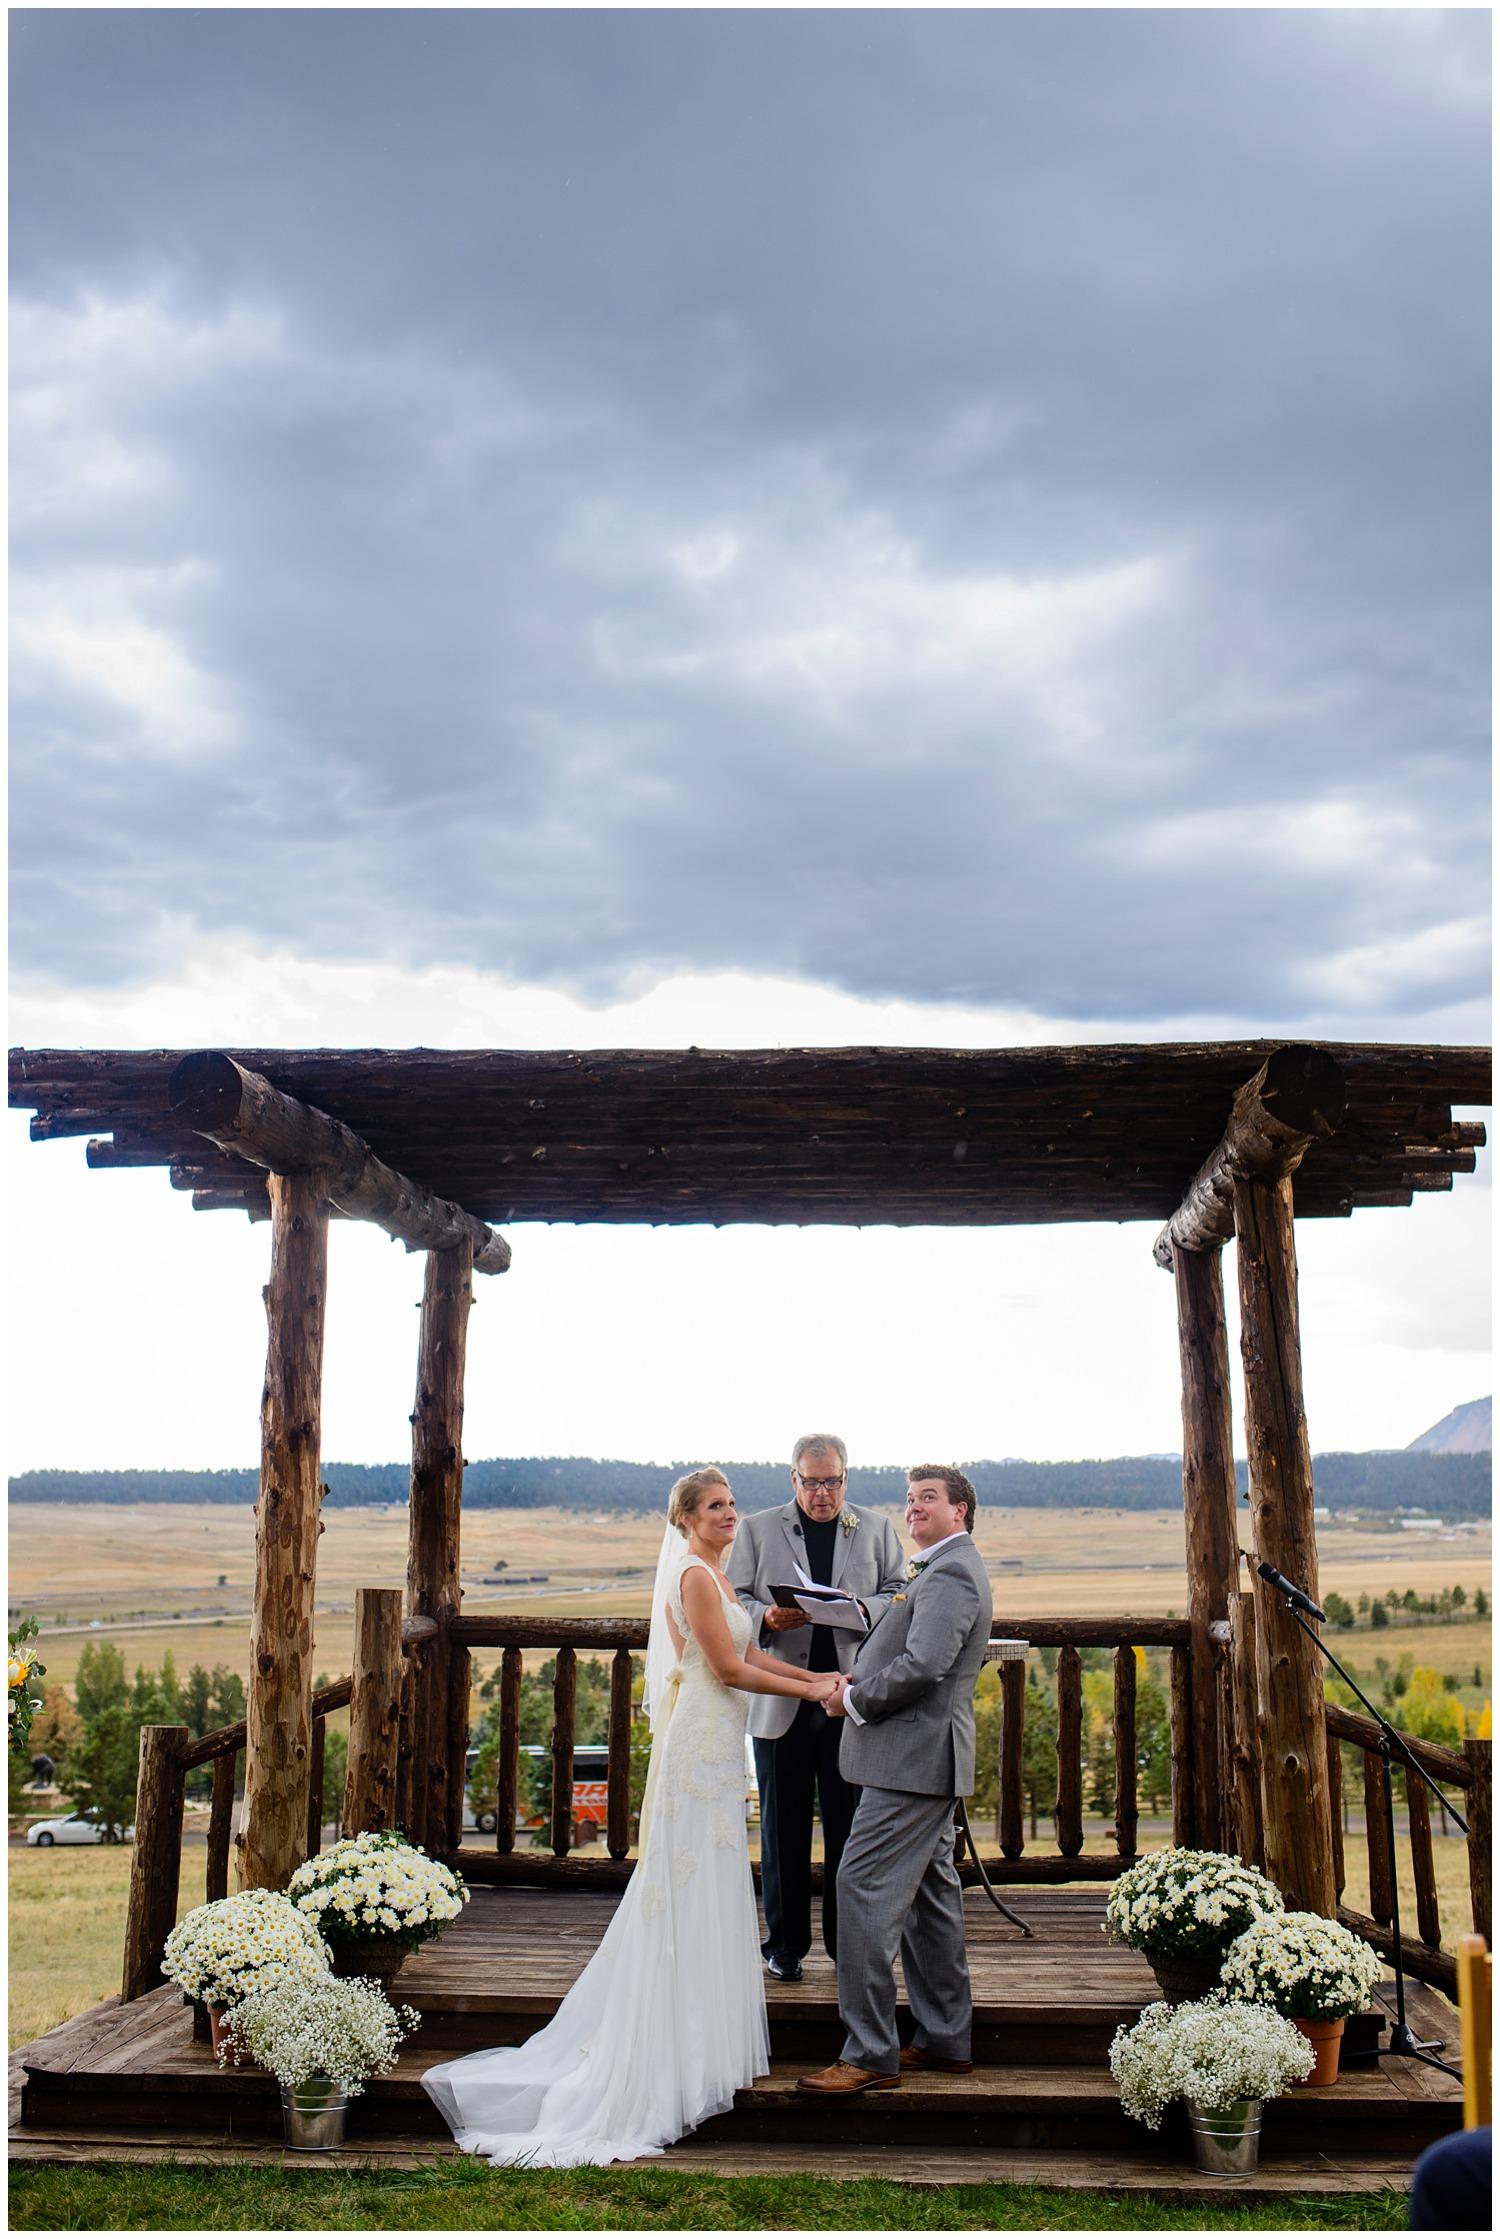 505-Spruce-mountain-ranch-colorado-wedding-photography.jpg